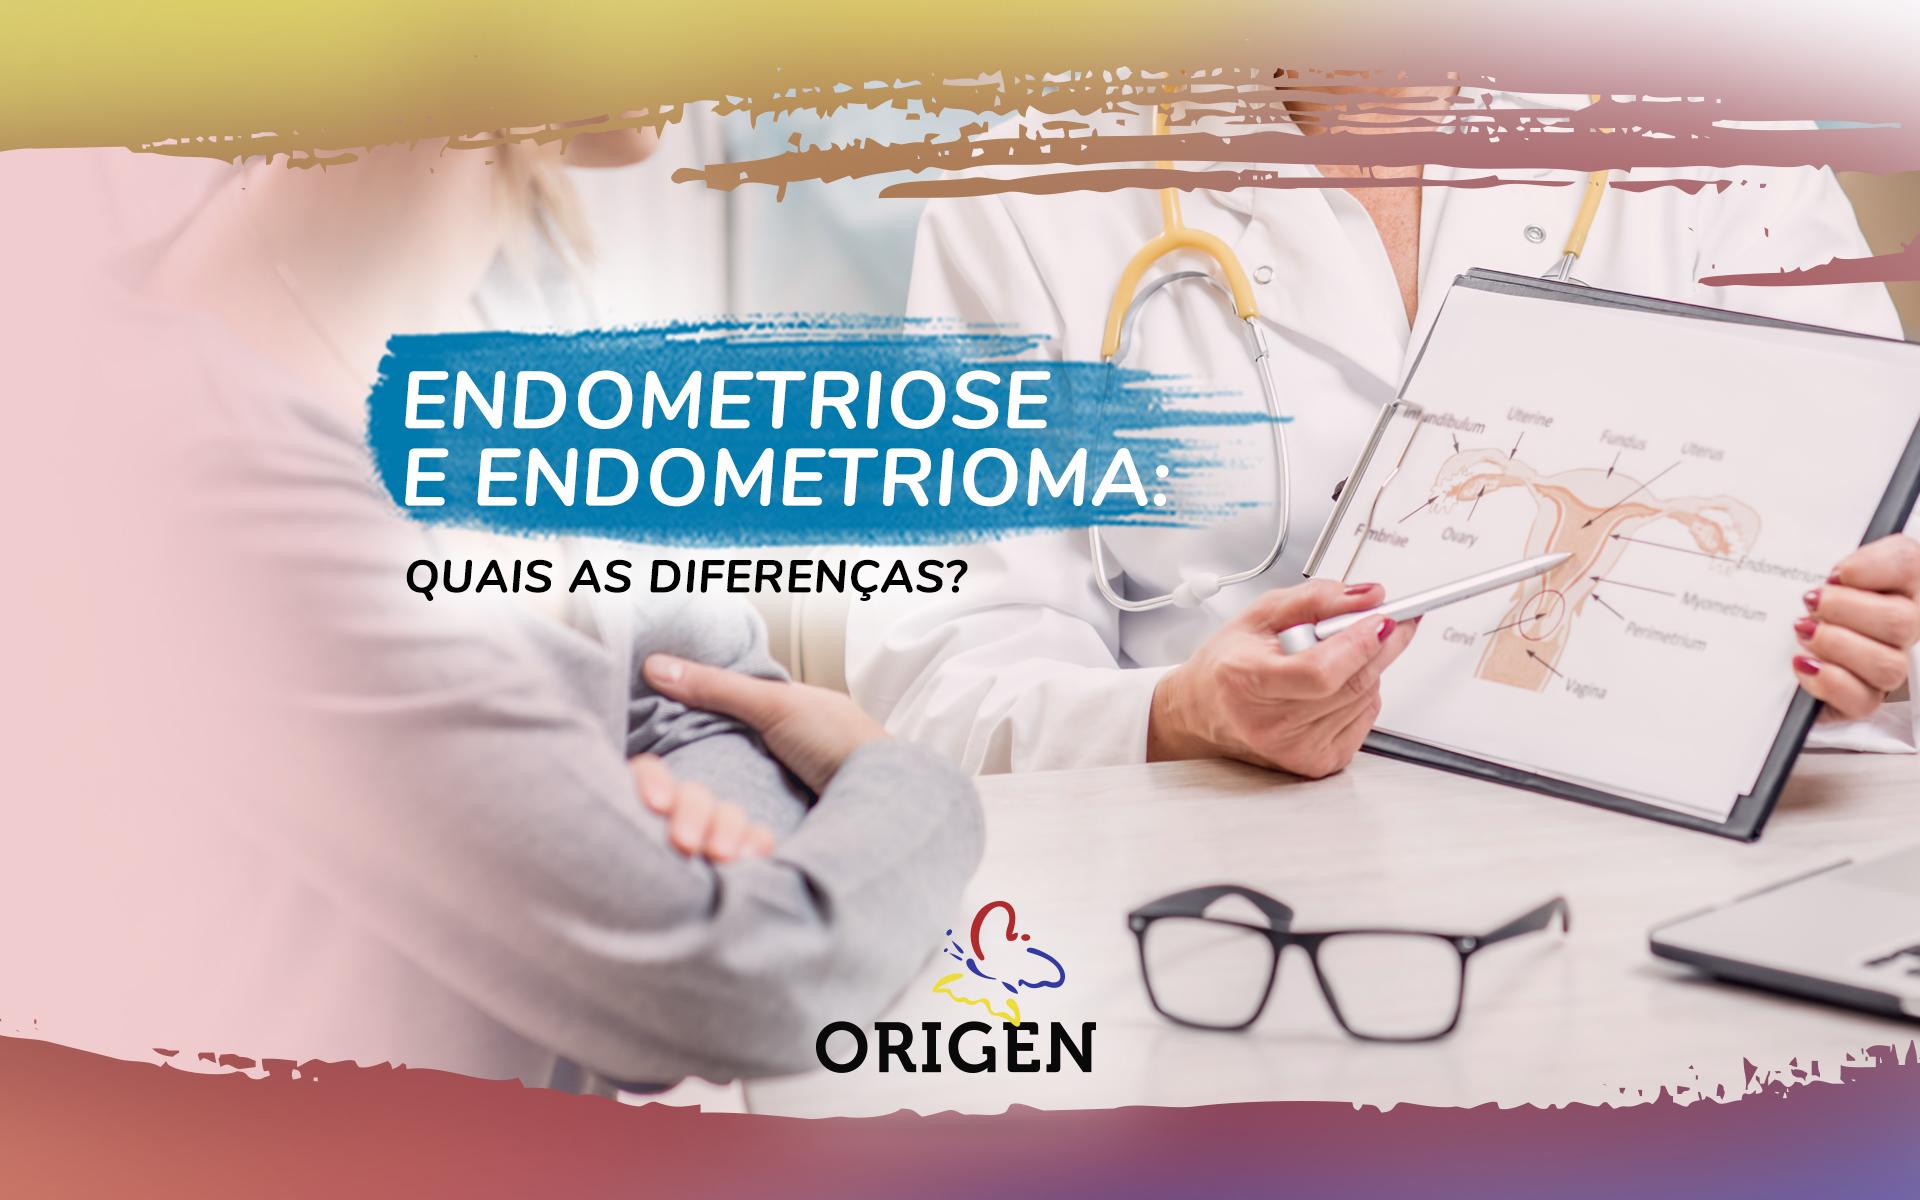 Endometriose e endometrioma: quais as diferenças?